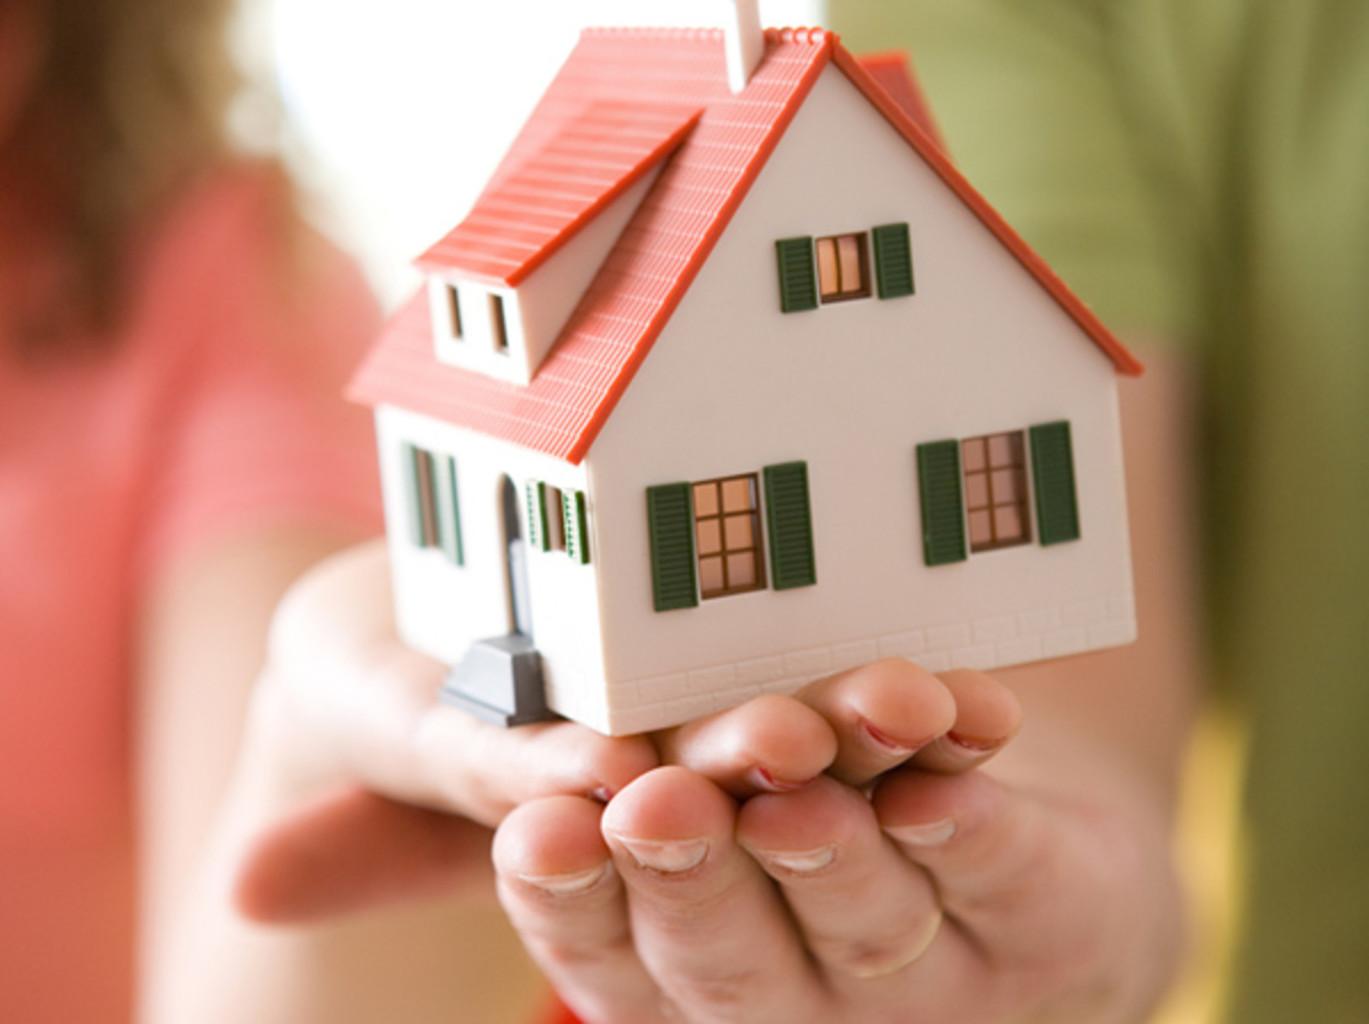 статус молодая семья если есть квартира в ипотеке снижает теплопотерю организма